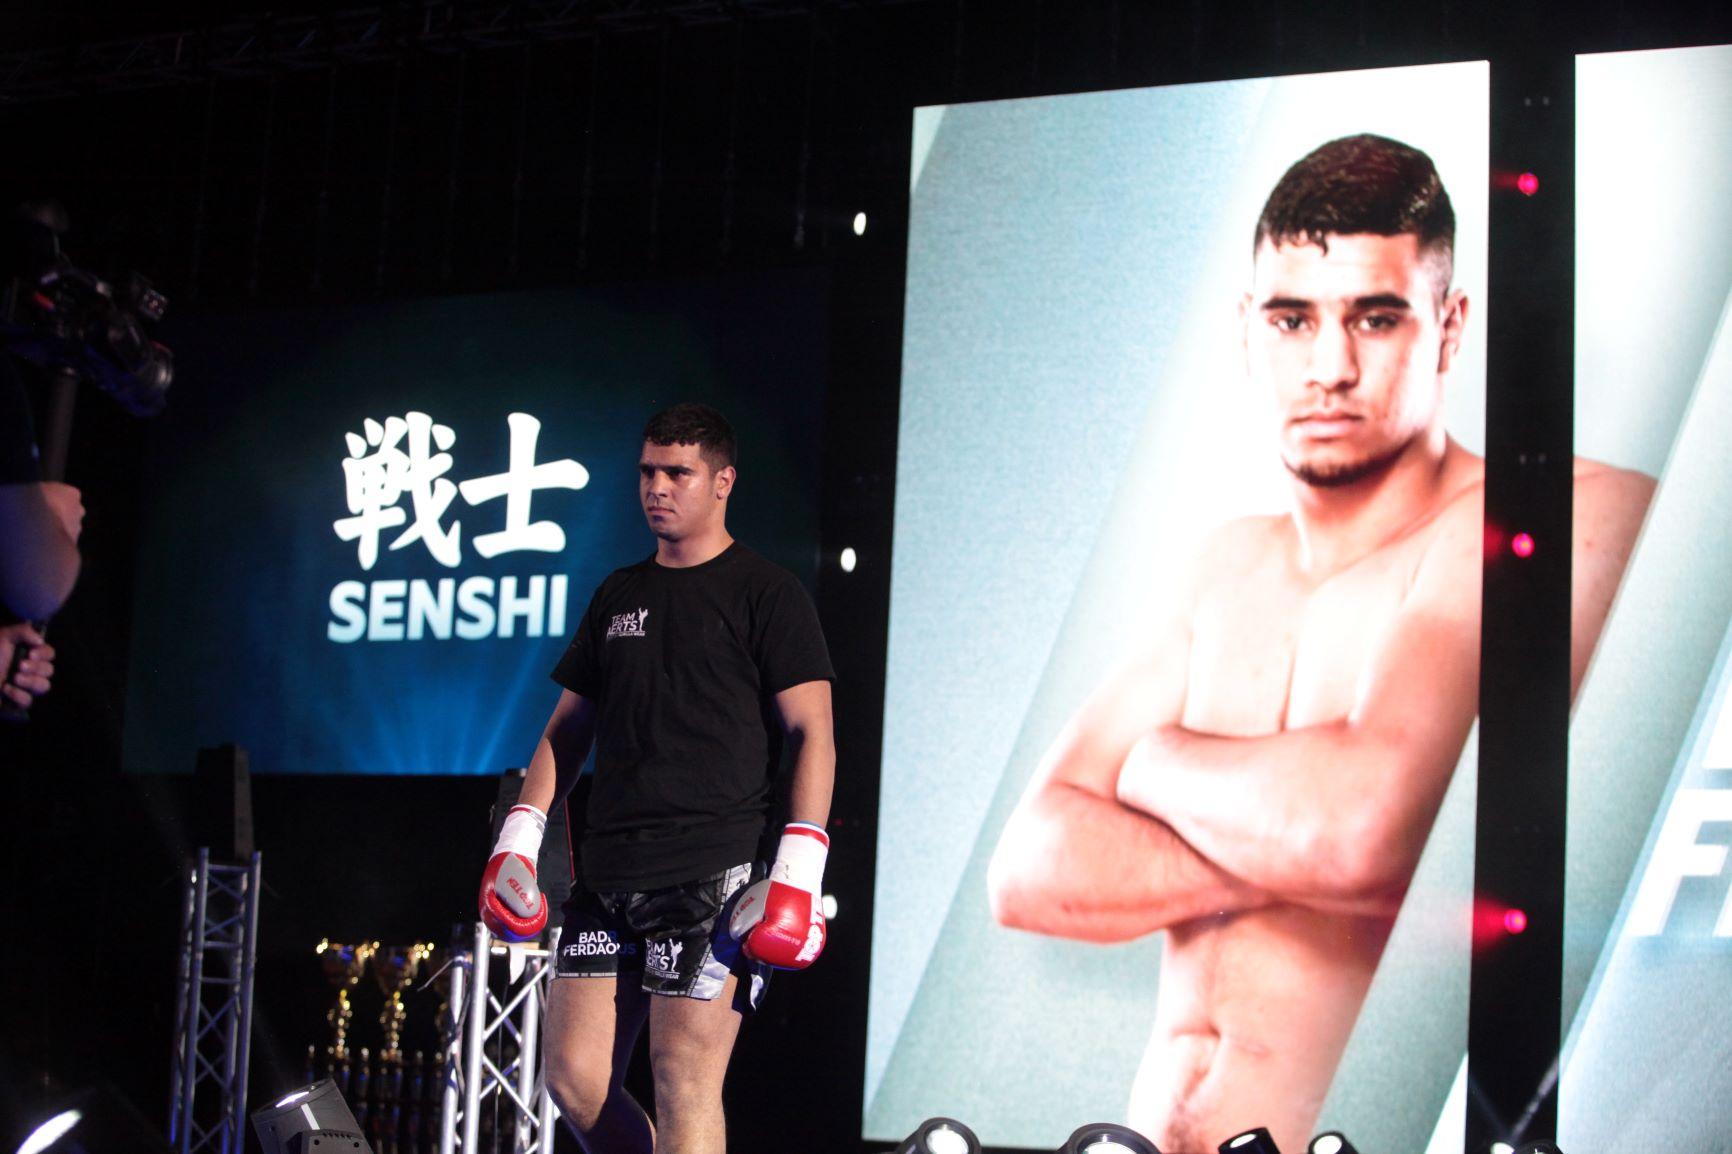 SENSHI изправя шампион от школата на Петер Артс срещу каратист от Беларус